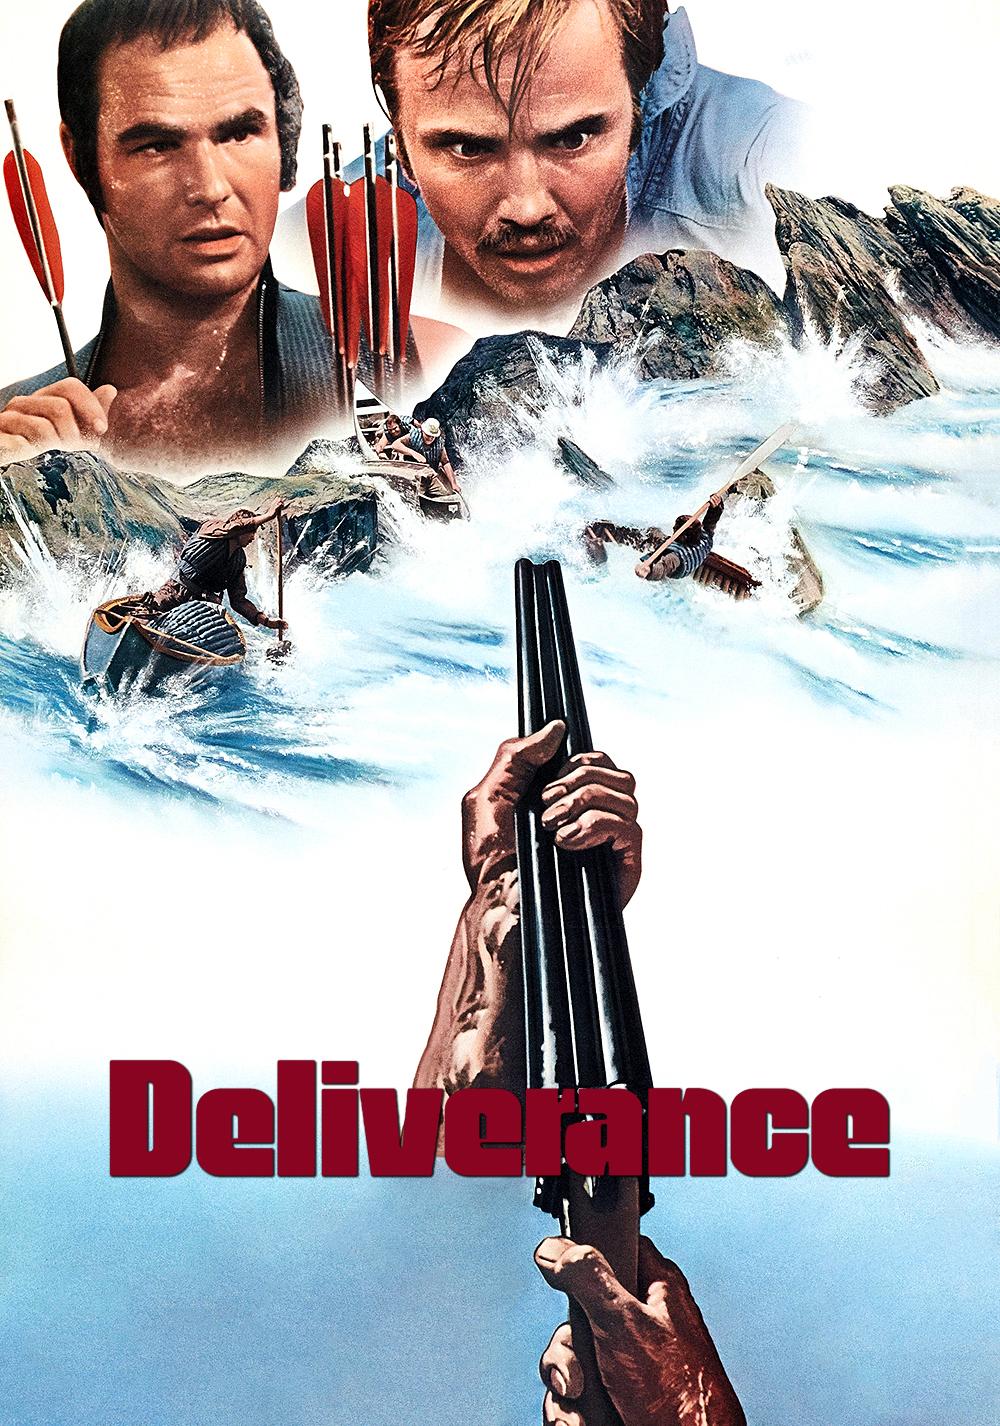 Deliverance Film